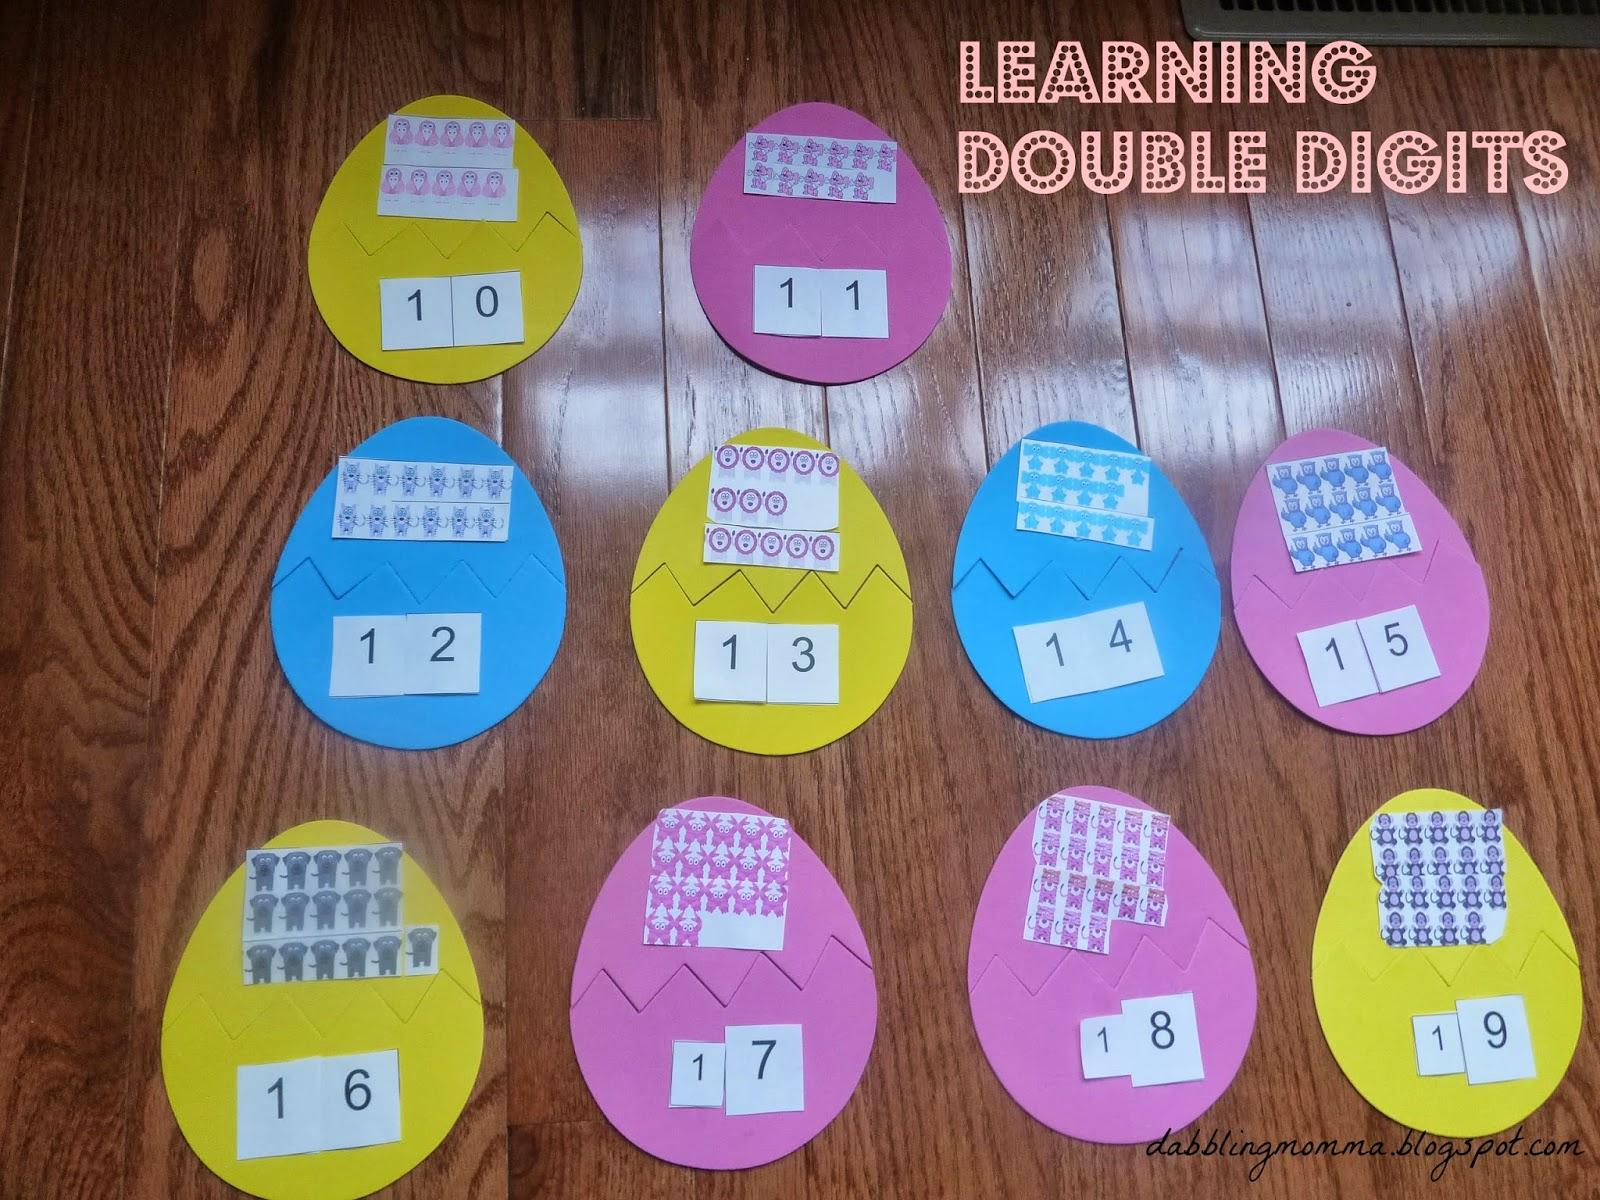 Dabblingmomma Learning Double Digits